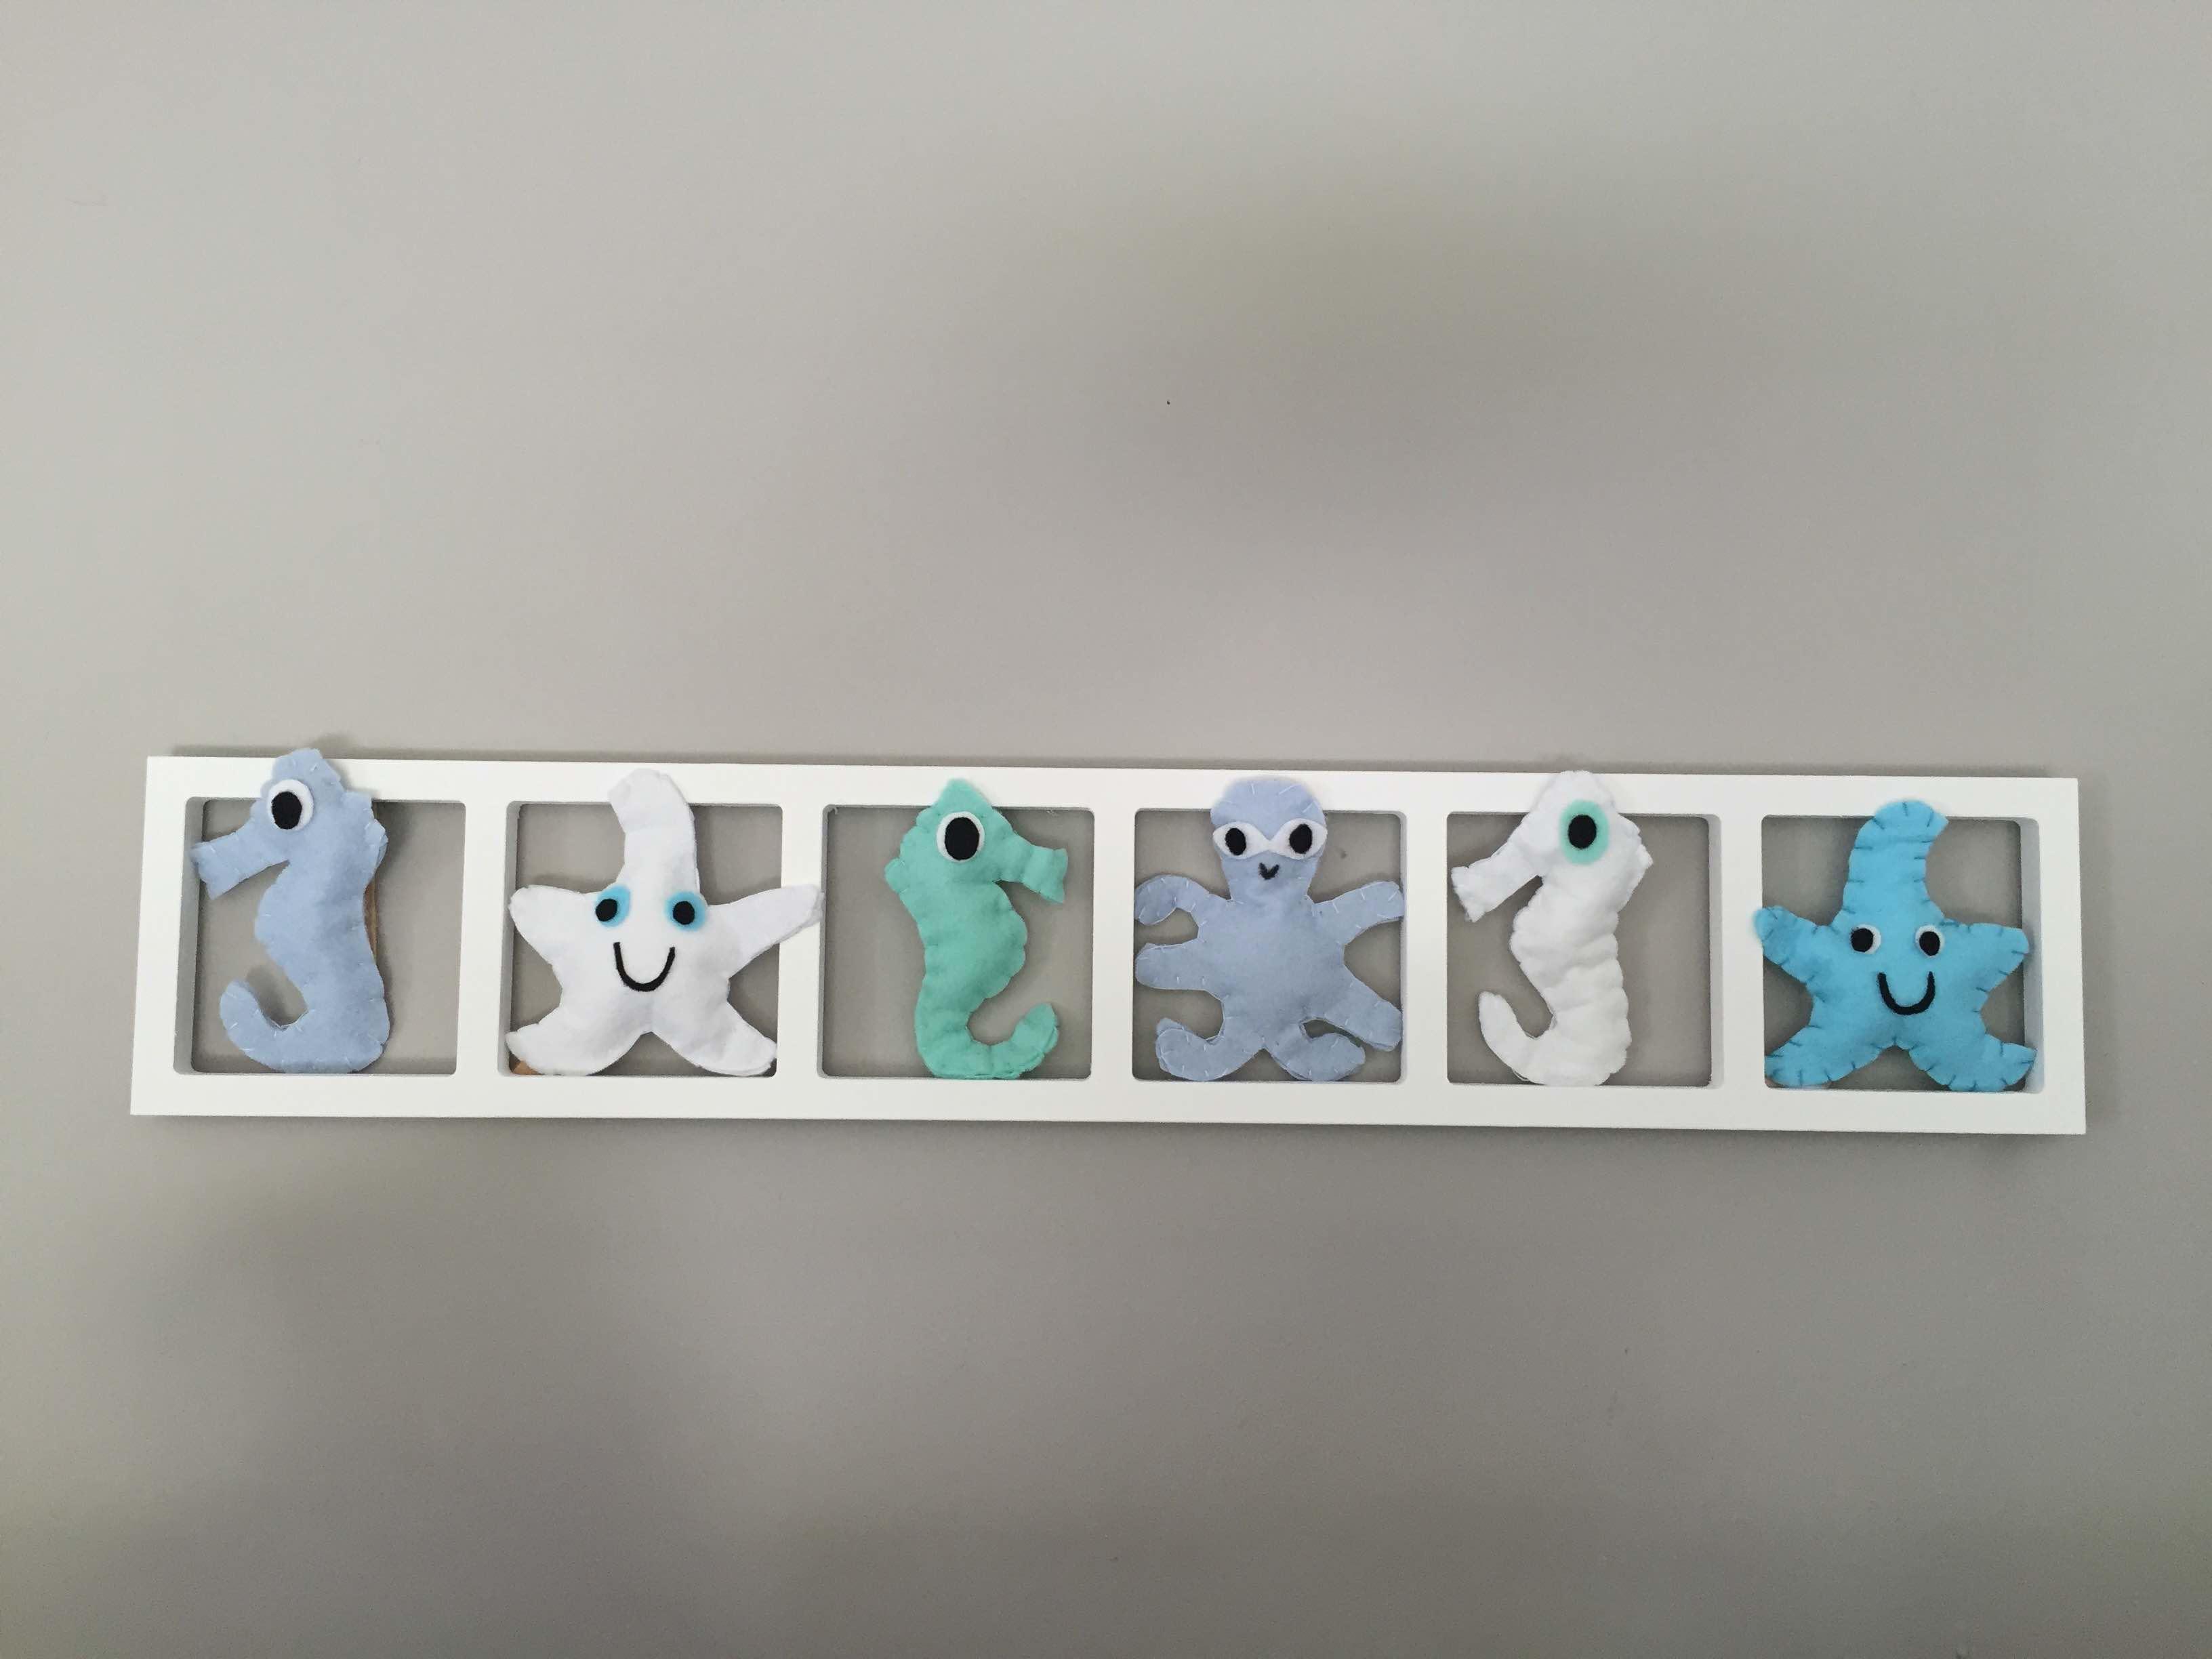 DECO MURALE « CREATURES DES MERS», tons bleu et blanc, BICHAT 16